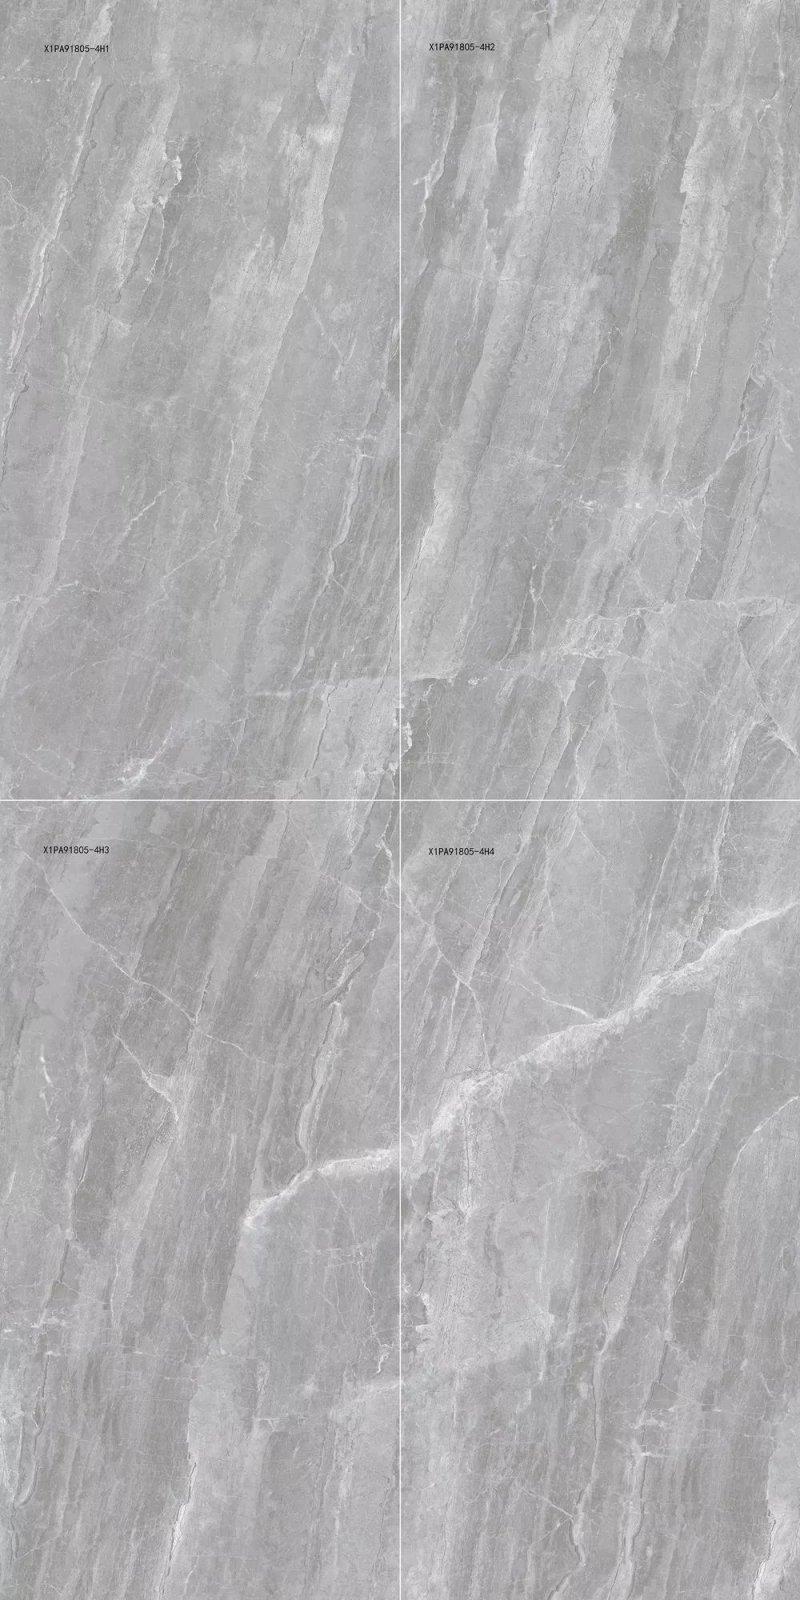 新濠大理石瓷砖格林兰灰 灰色系瓷砖装修效果图